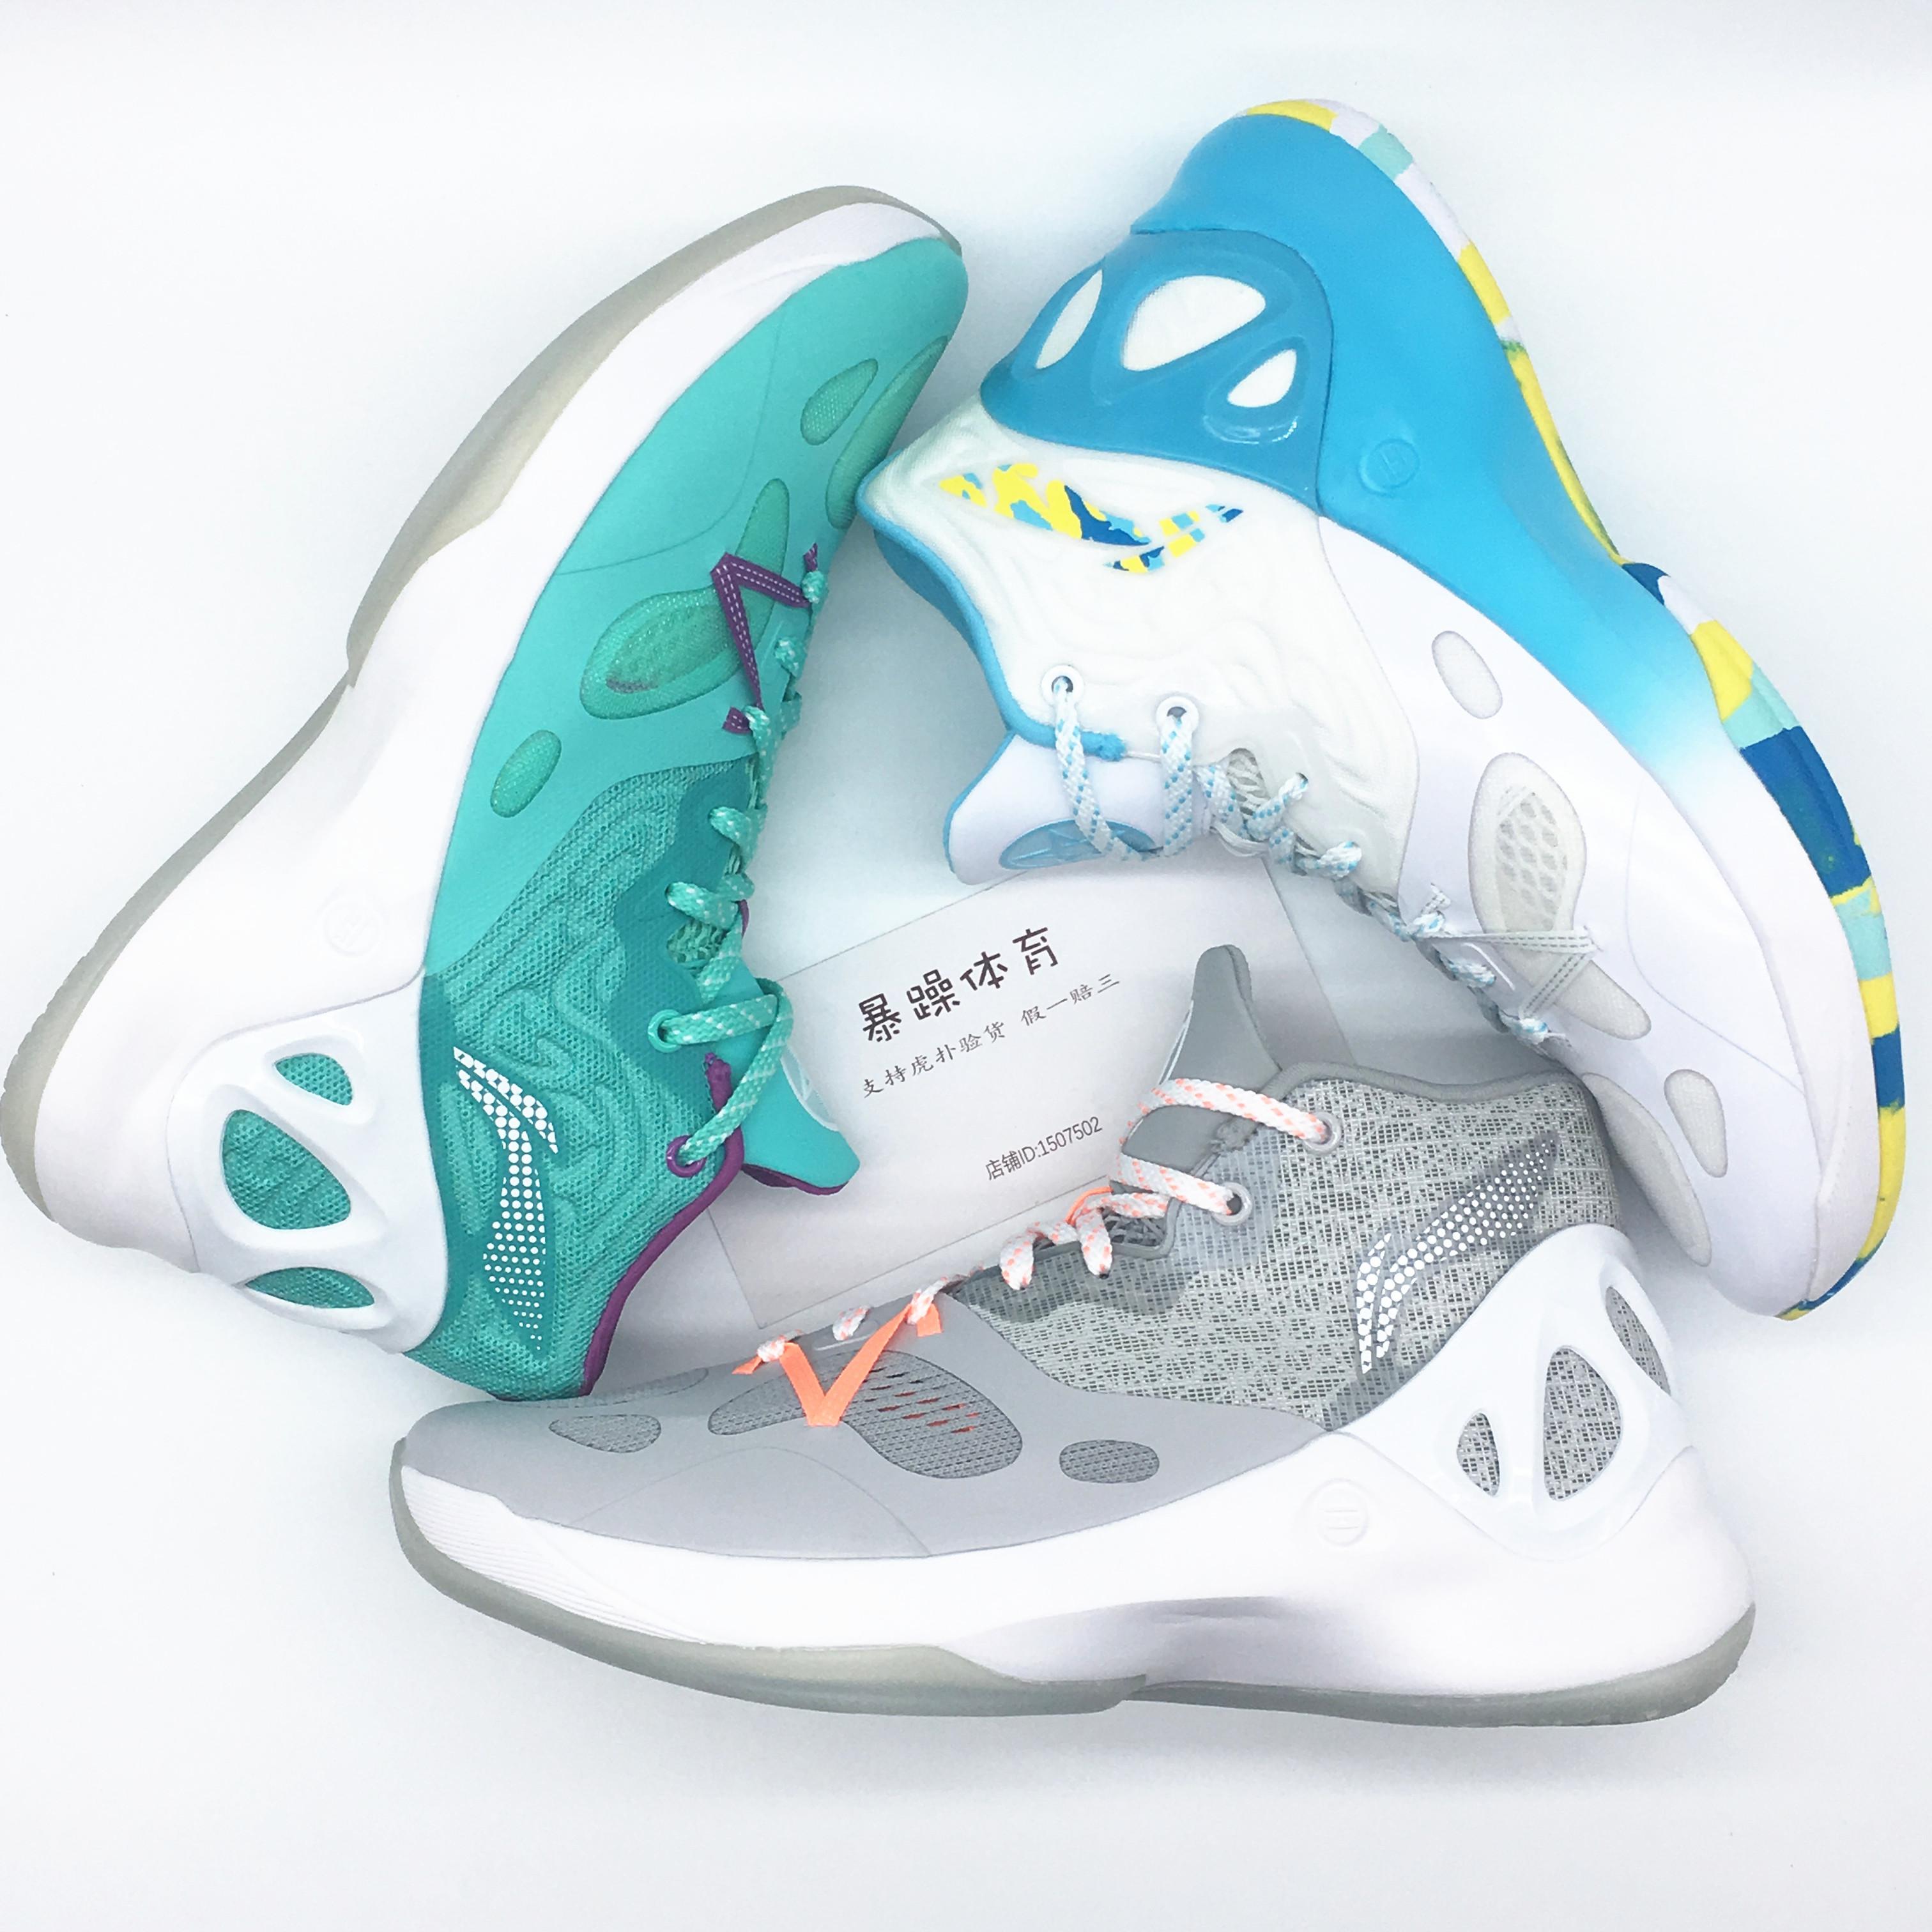 李宁酷动城高帮男子篮球鞋音速5薄荷云3缓震夏日透气防滑ABAM019